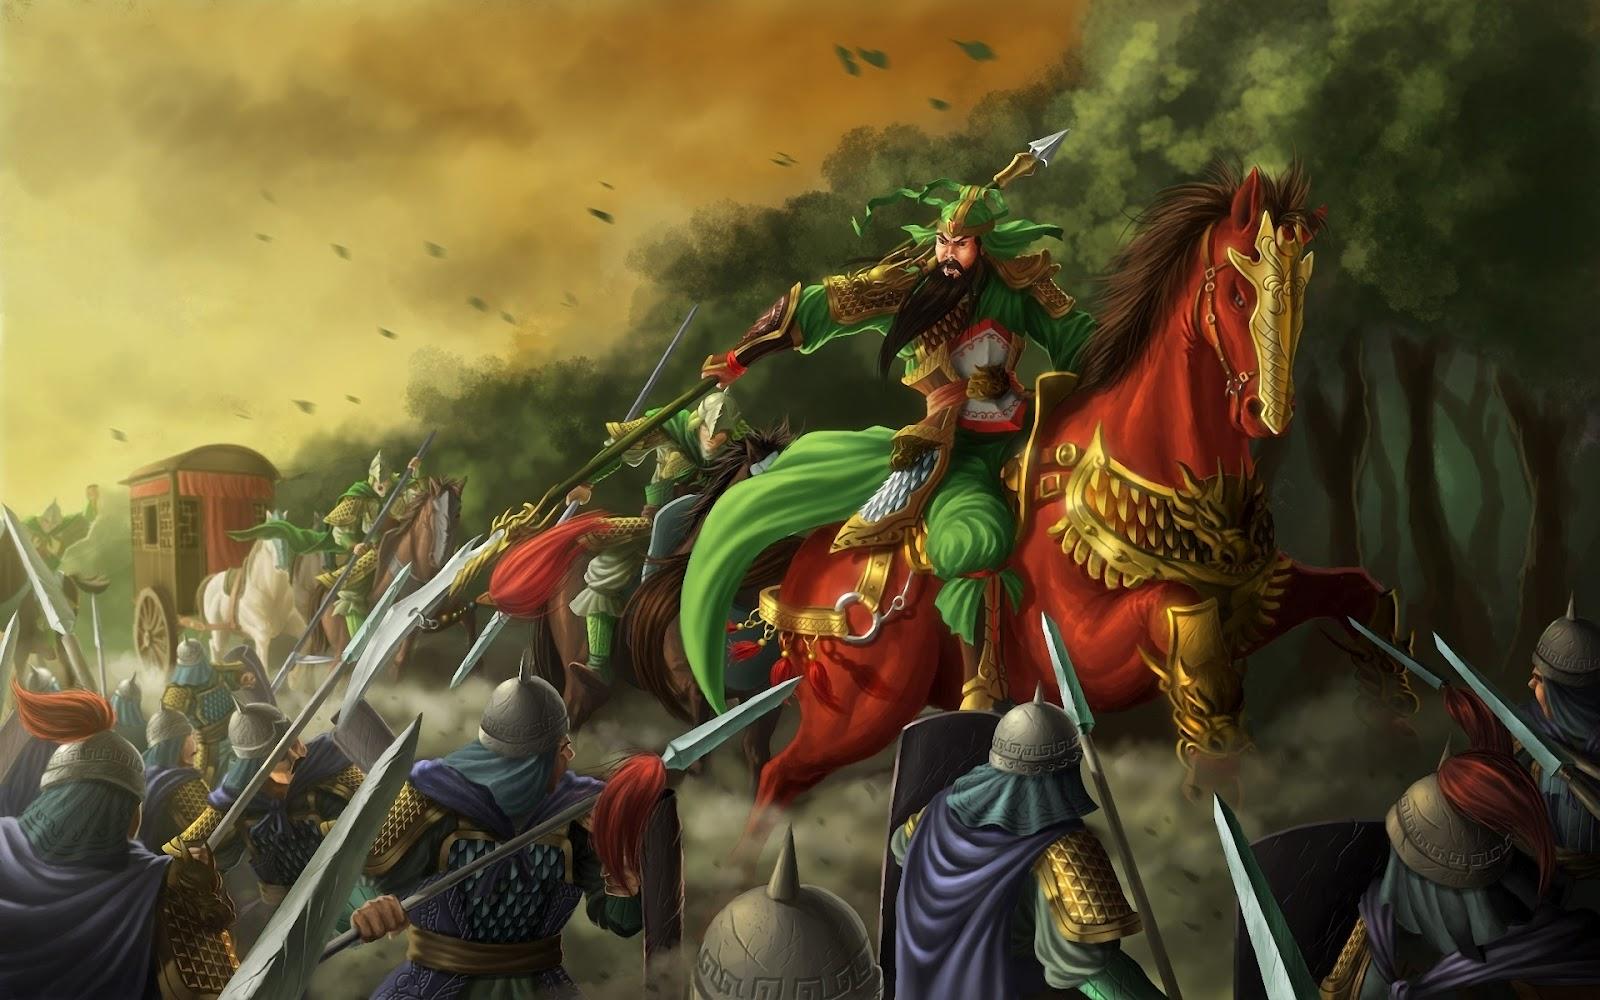 http://4.bp.blogspot.com/-8VqsTbYeLpc/UGbxeP4488I/AAAAAAAApWc/PBlAya8rVb0/s1600/Guerrero-Samurai-en-Caballo-con-Lanza.jpg